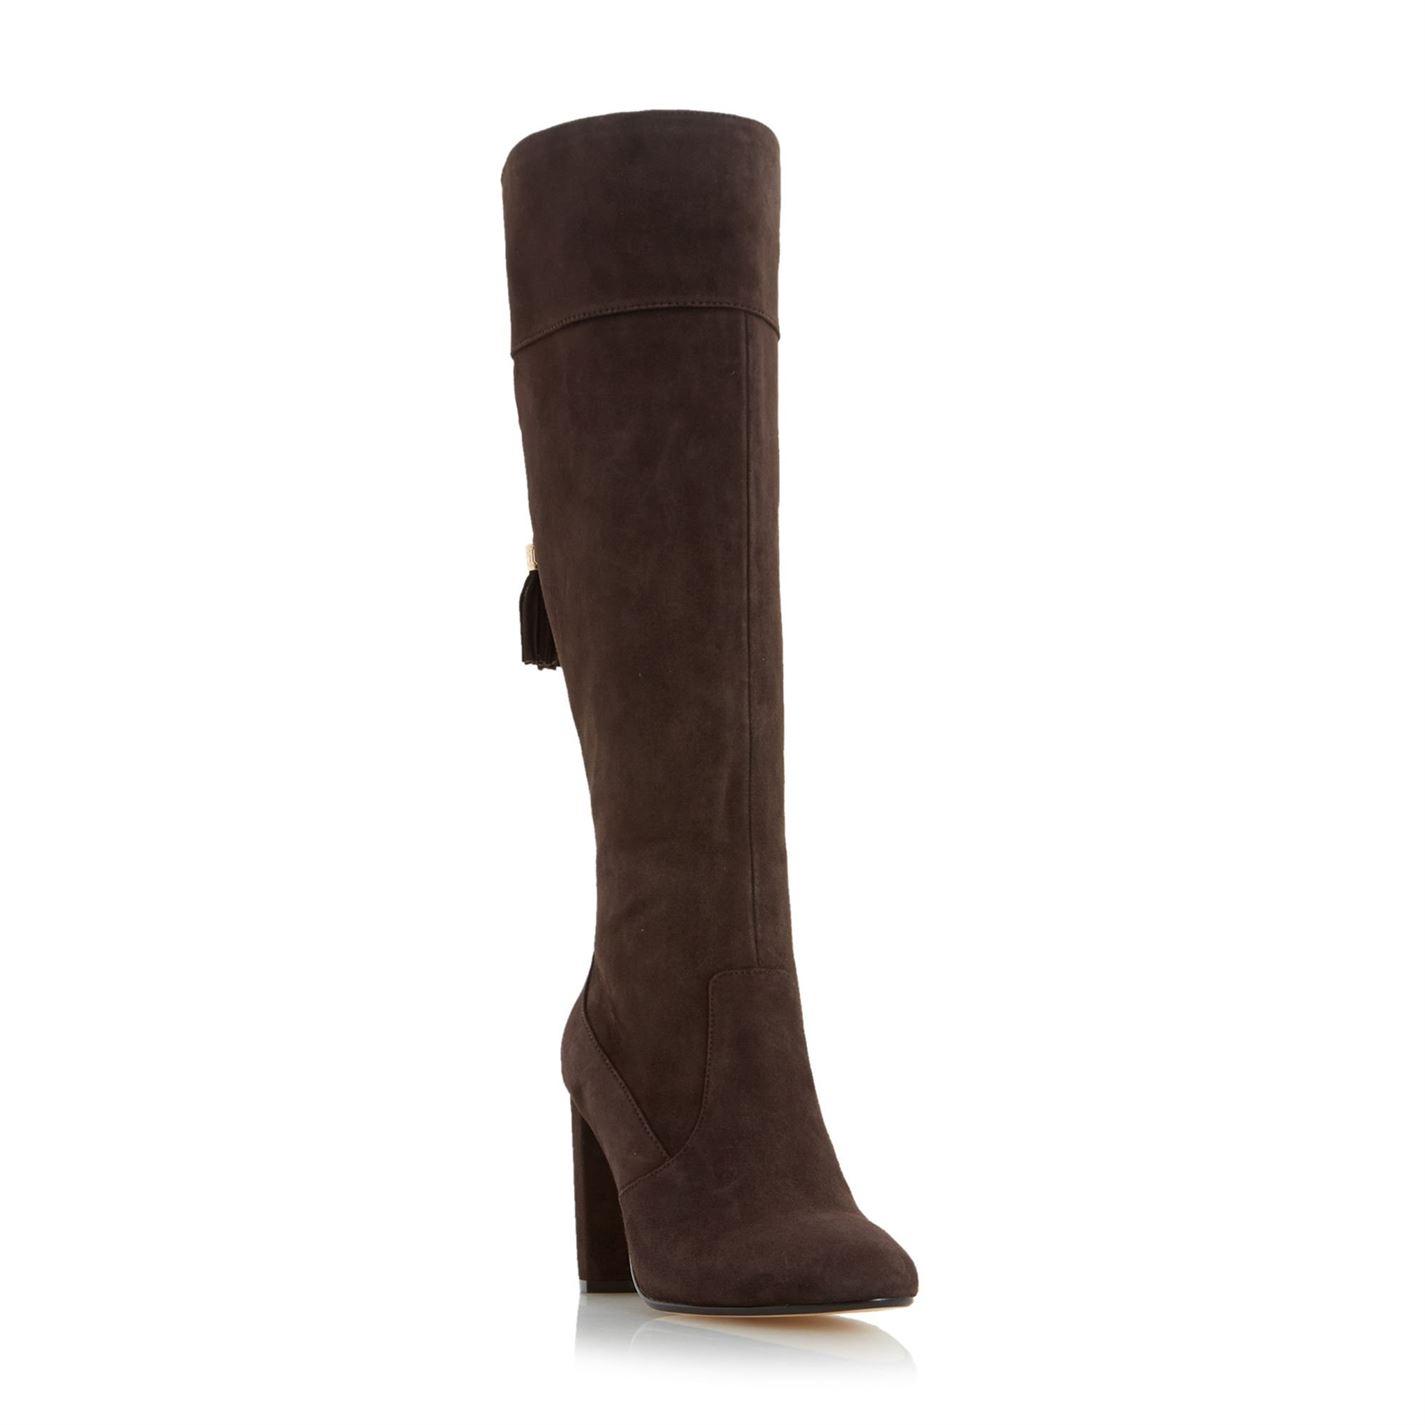 Biba Thulinn knee high boots